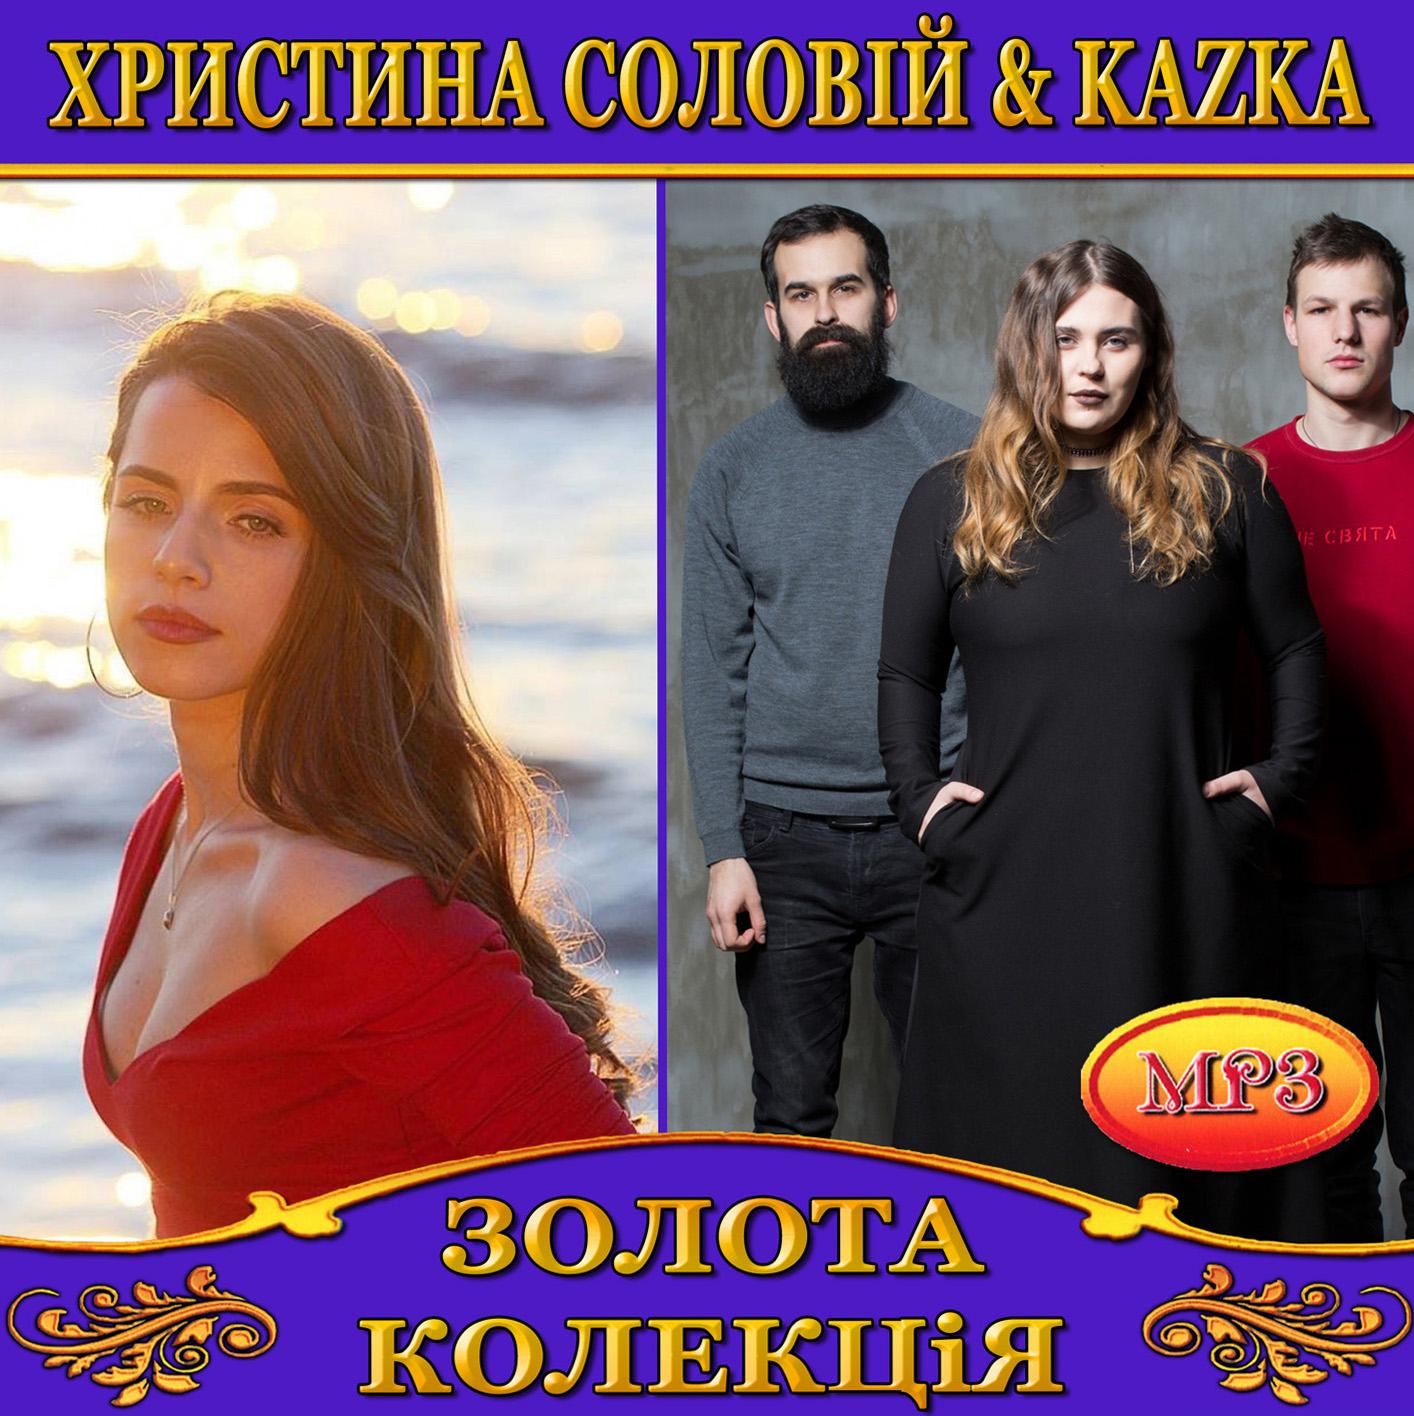 Христина Соловій & Kazka [mp3]